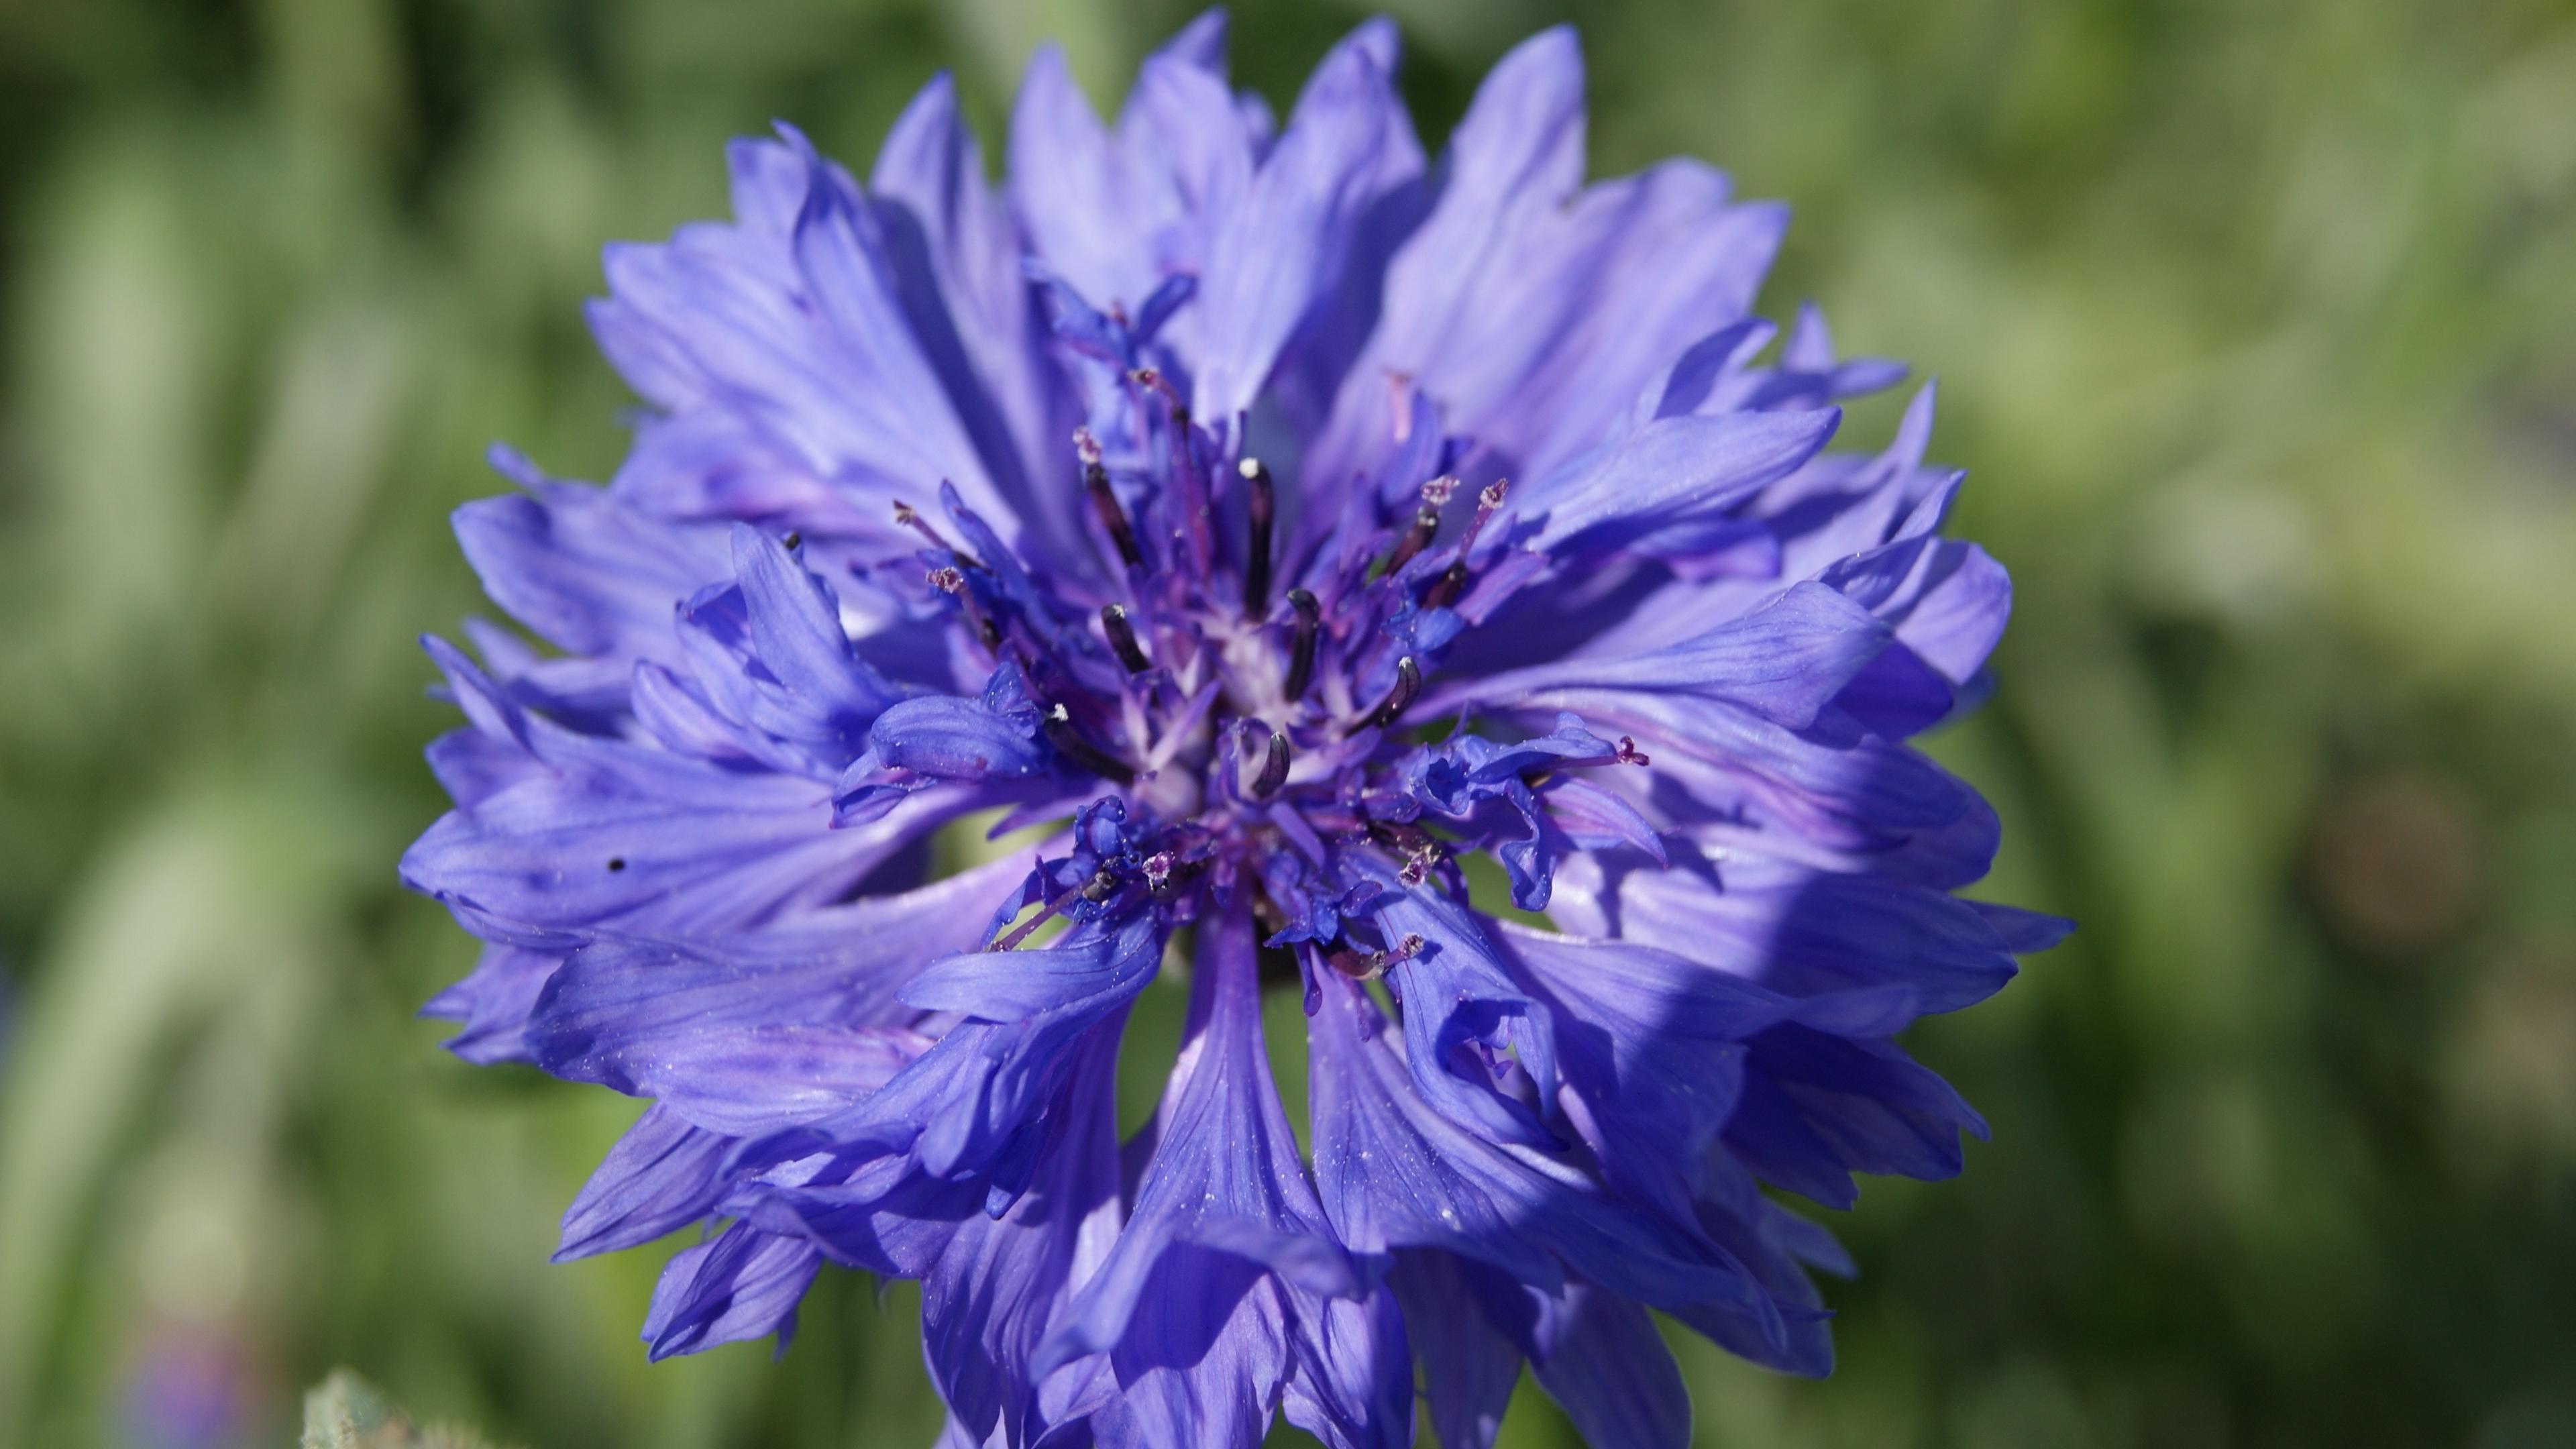 cornflower flower sunny summer close up 4k 1540064301 - cornflower, flower, sunny, summer, close-up 4k - Sunny, flower, cornflower